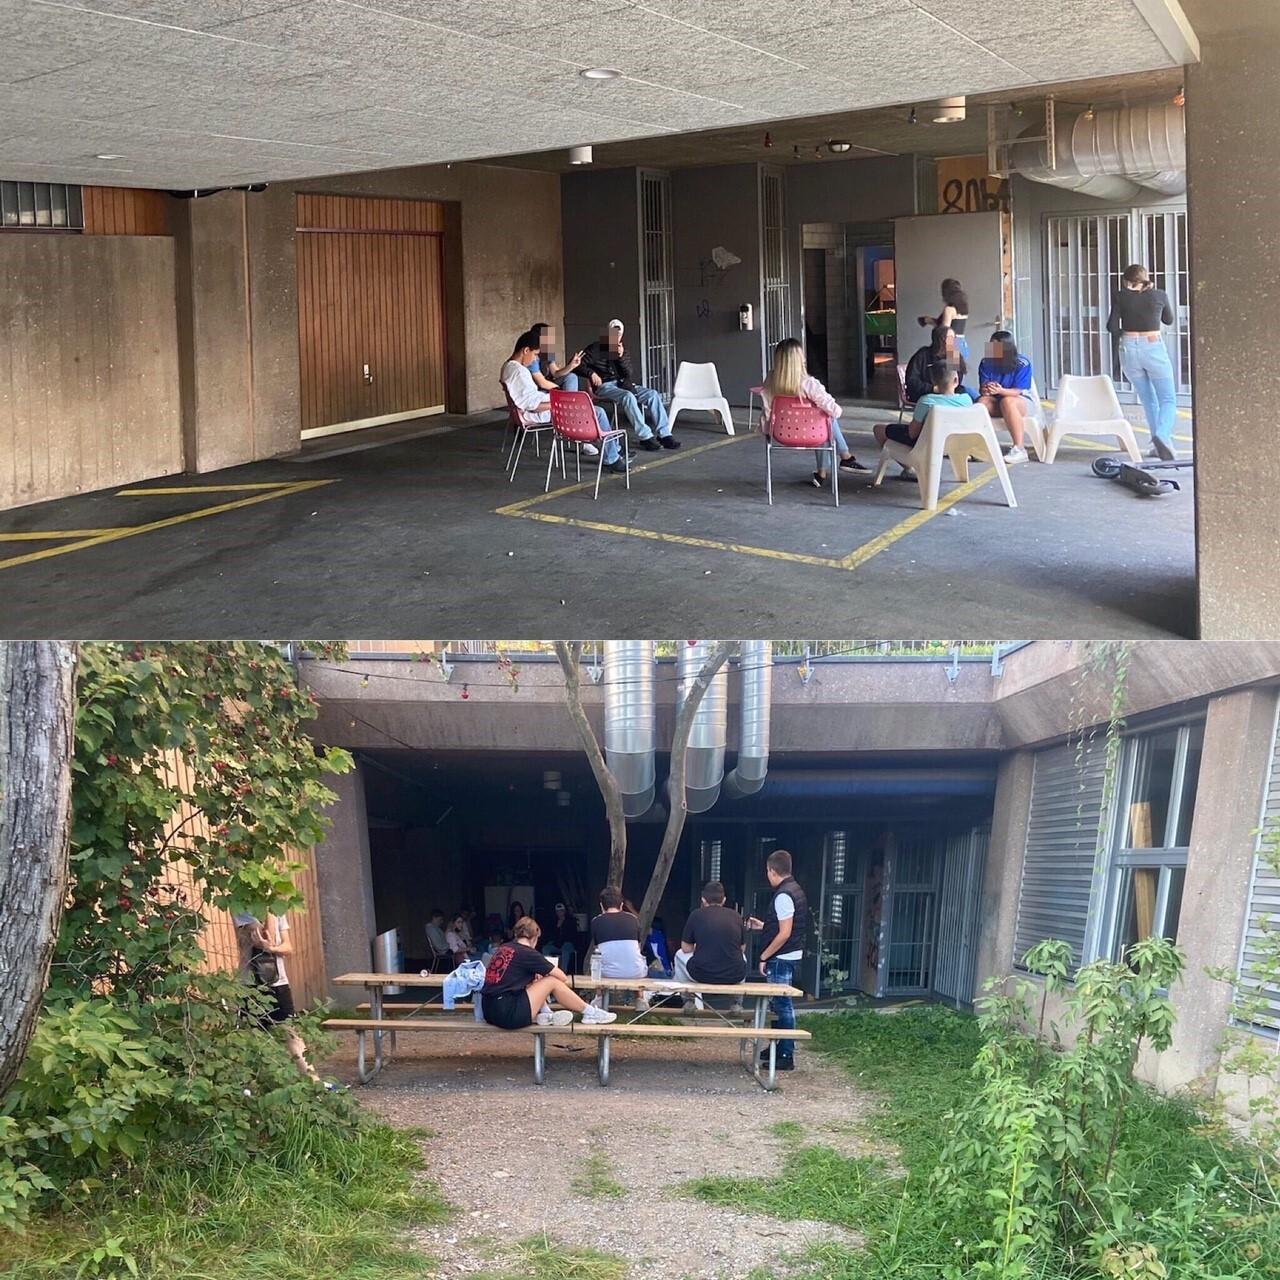 Neugestaltung Aussenraum vom Jugendtreff GZ Grünau